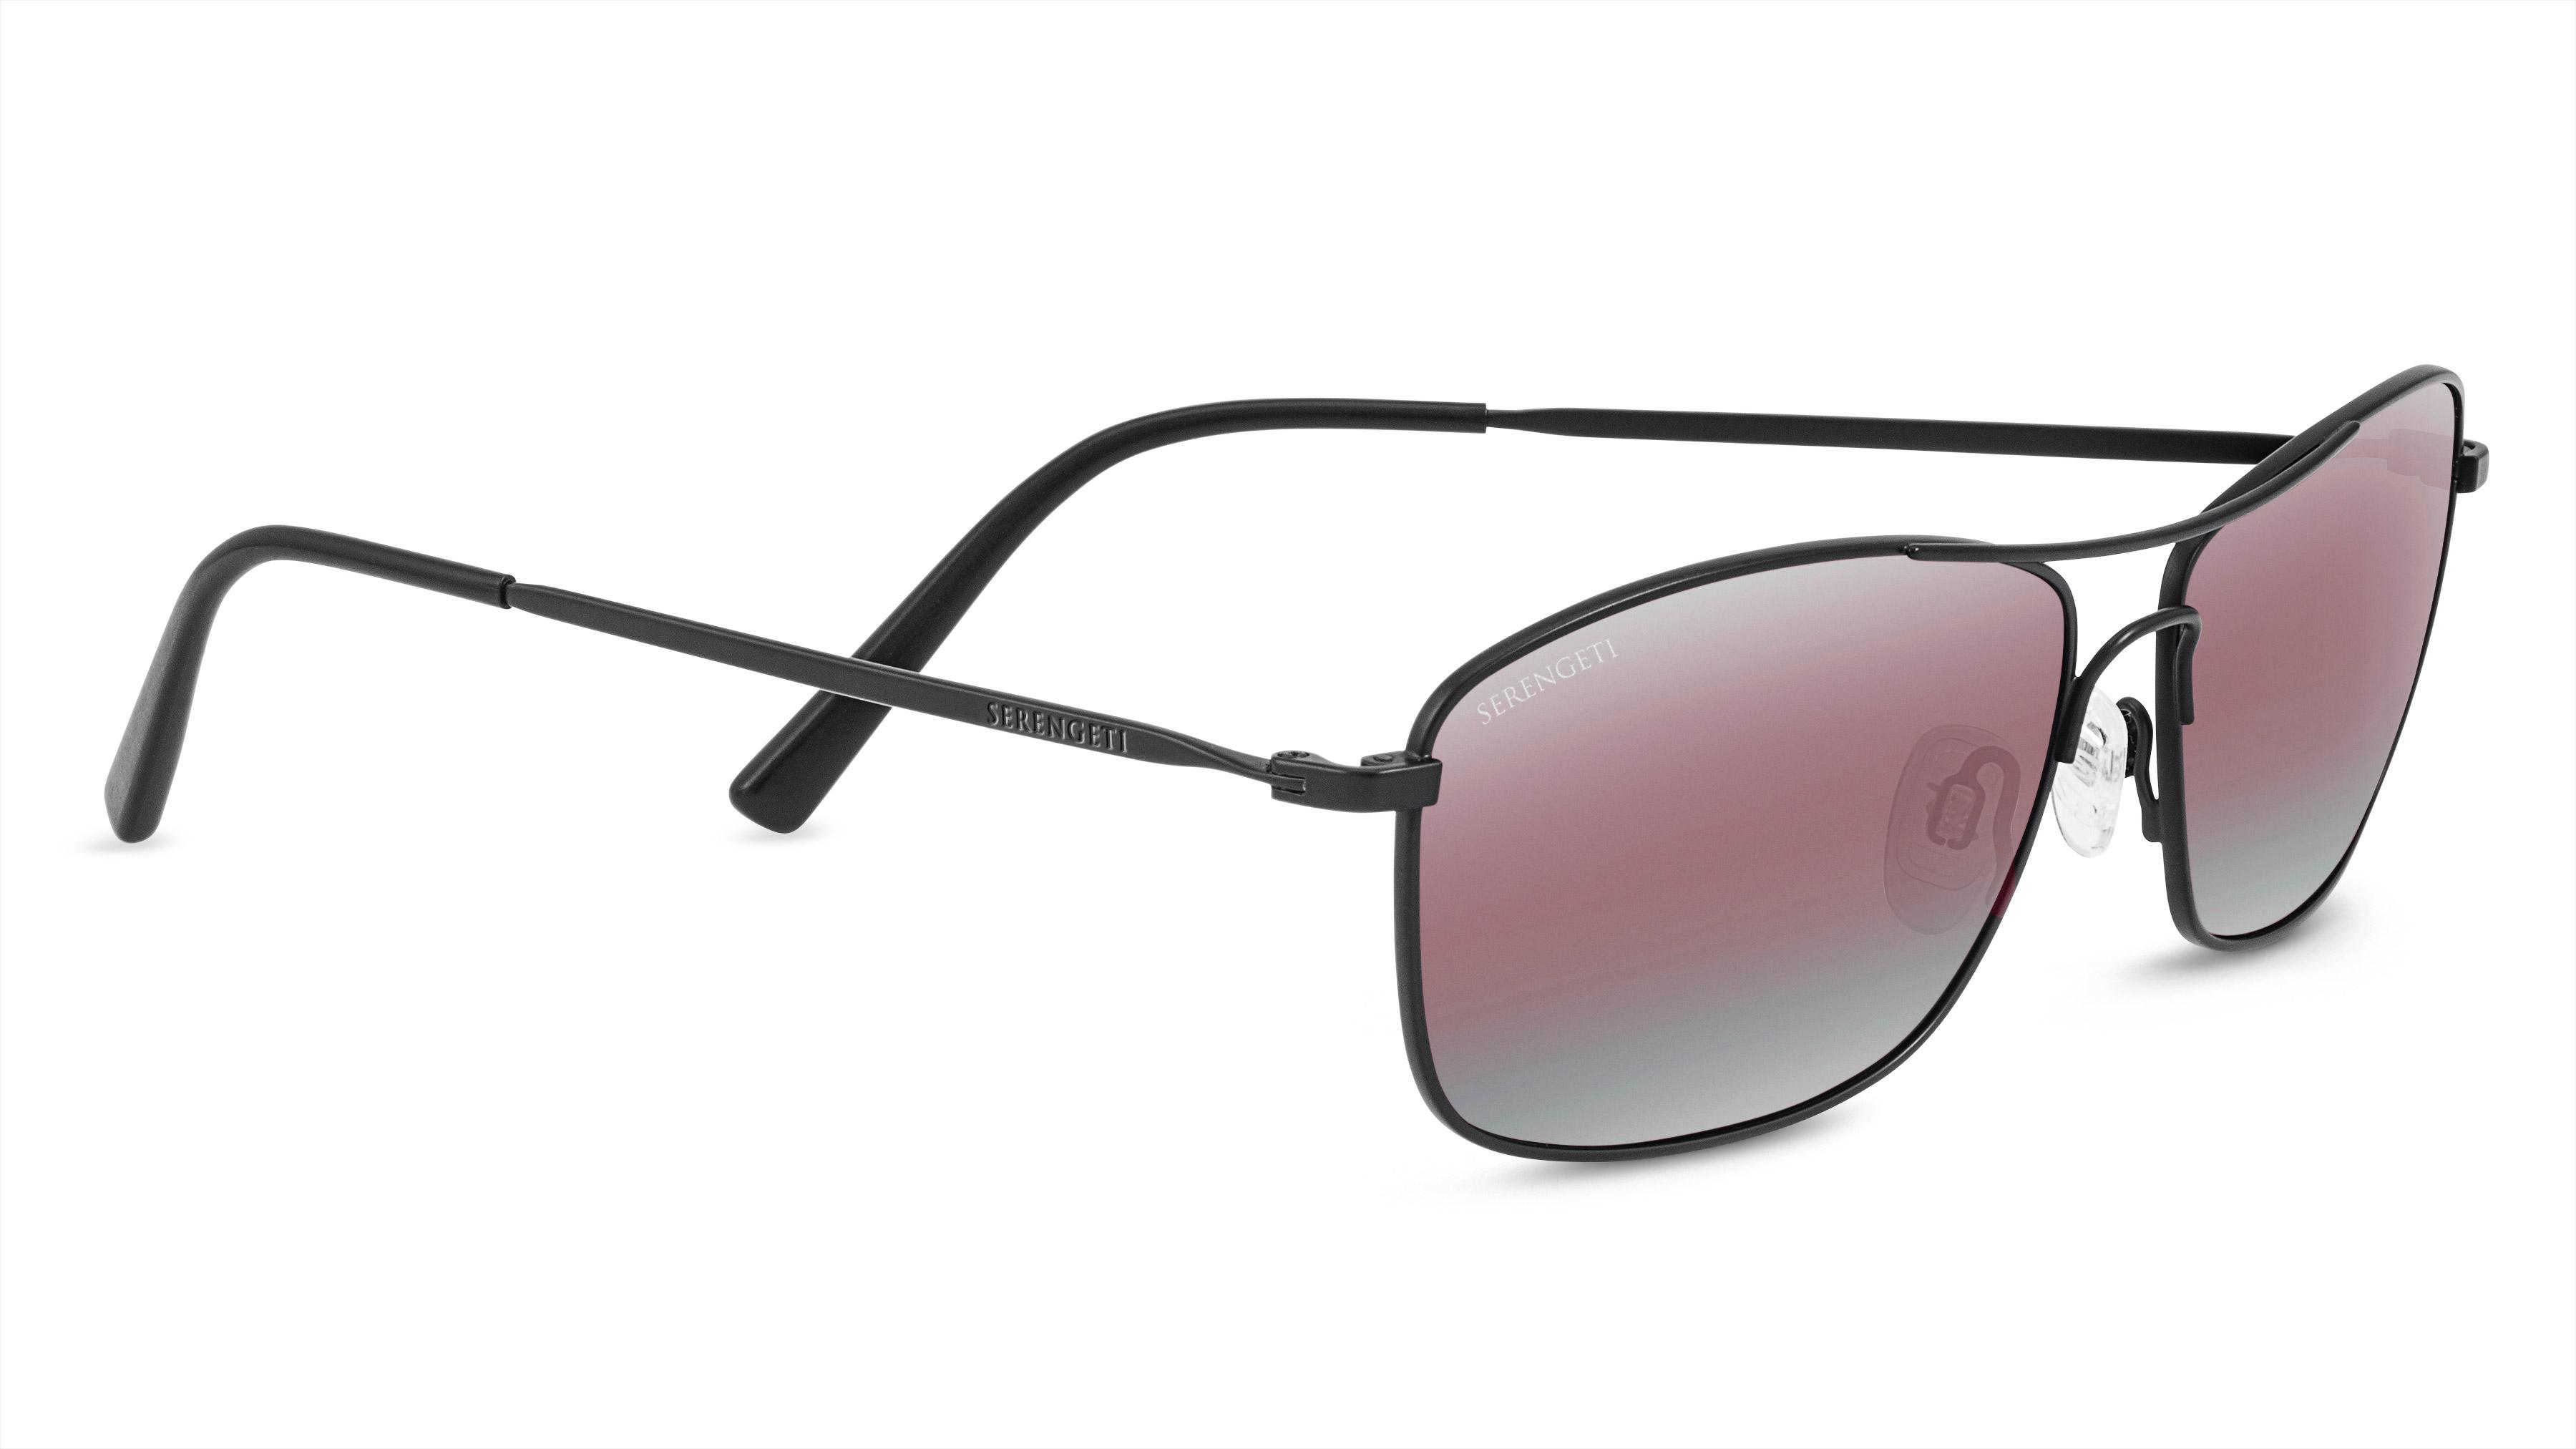 e2c26e8810 Serengeti Corleone Single Vision Prescription Sunglasses FREE S H 8417SV